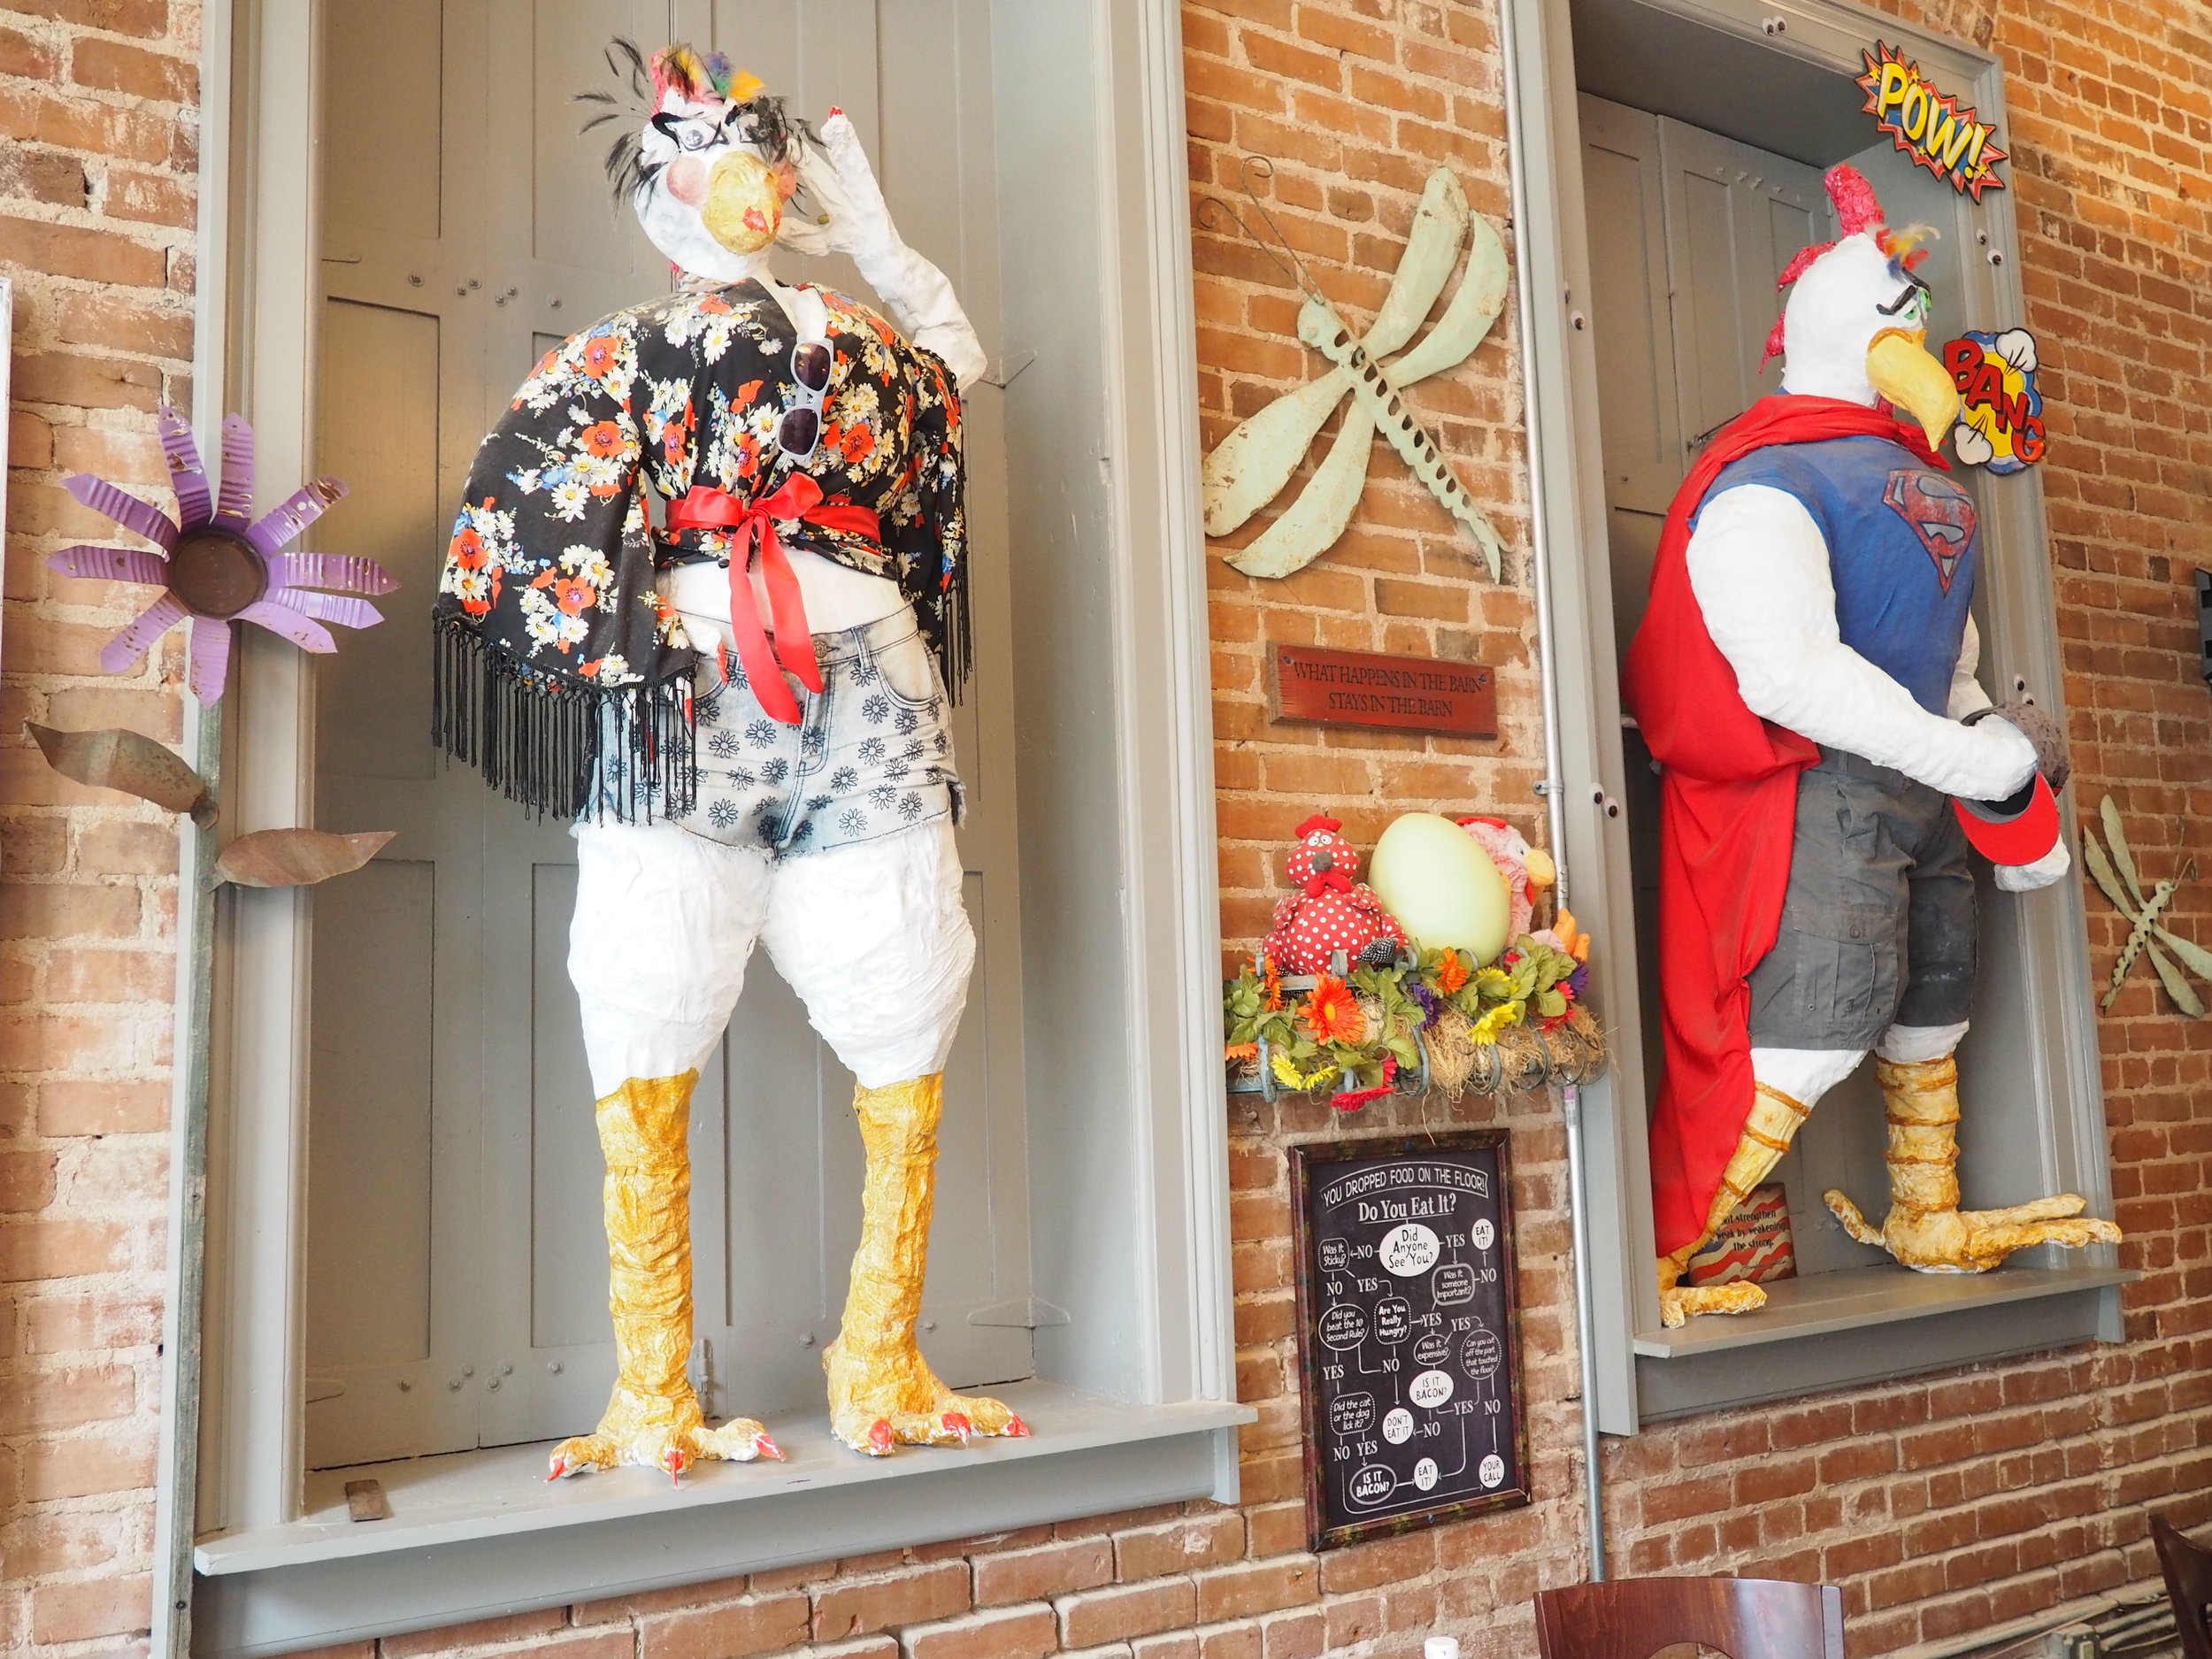 Plucked-Up-Chicken-Biscuits-Decor.jpg